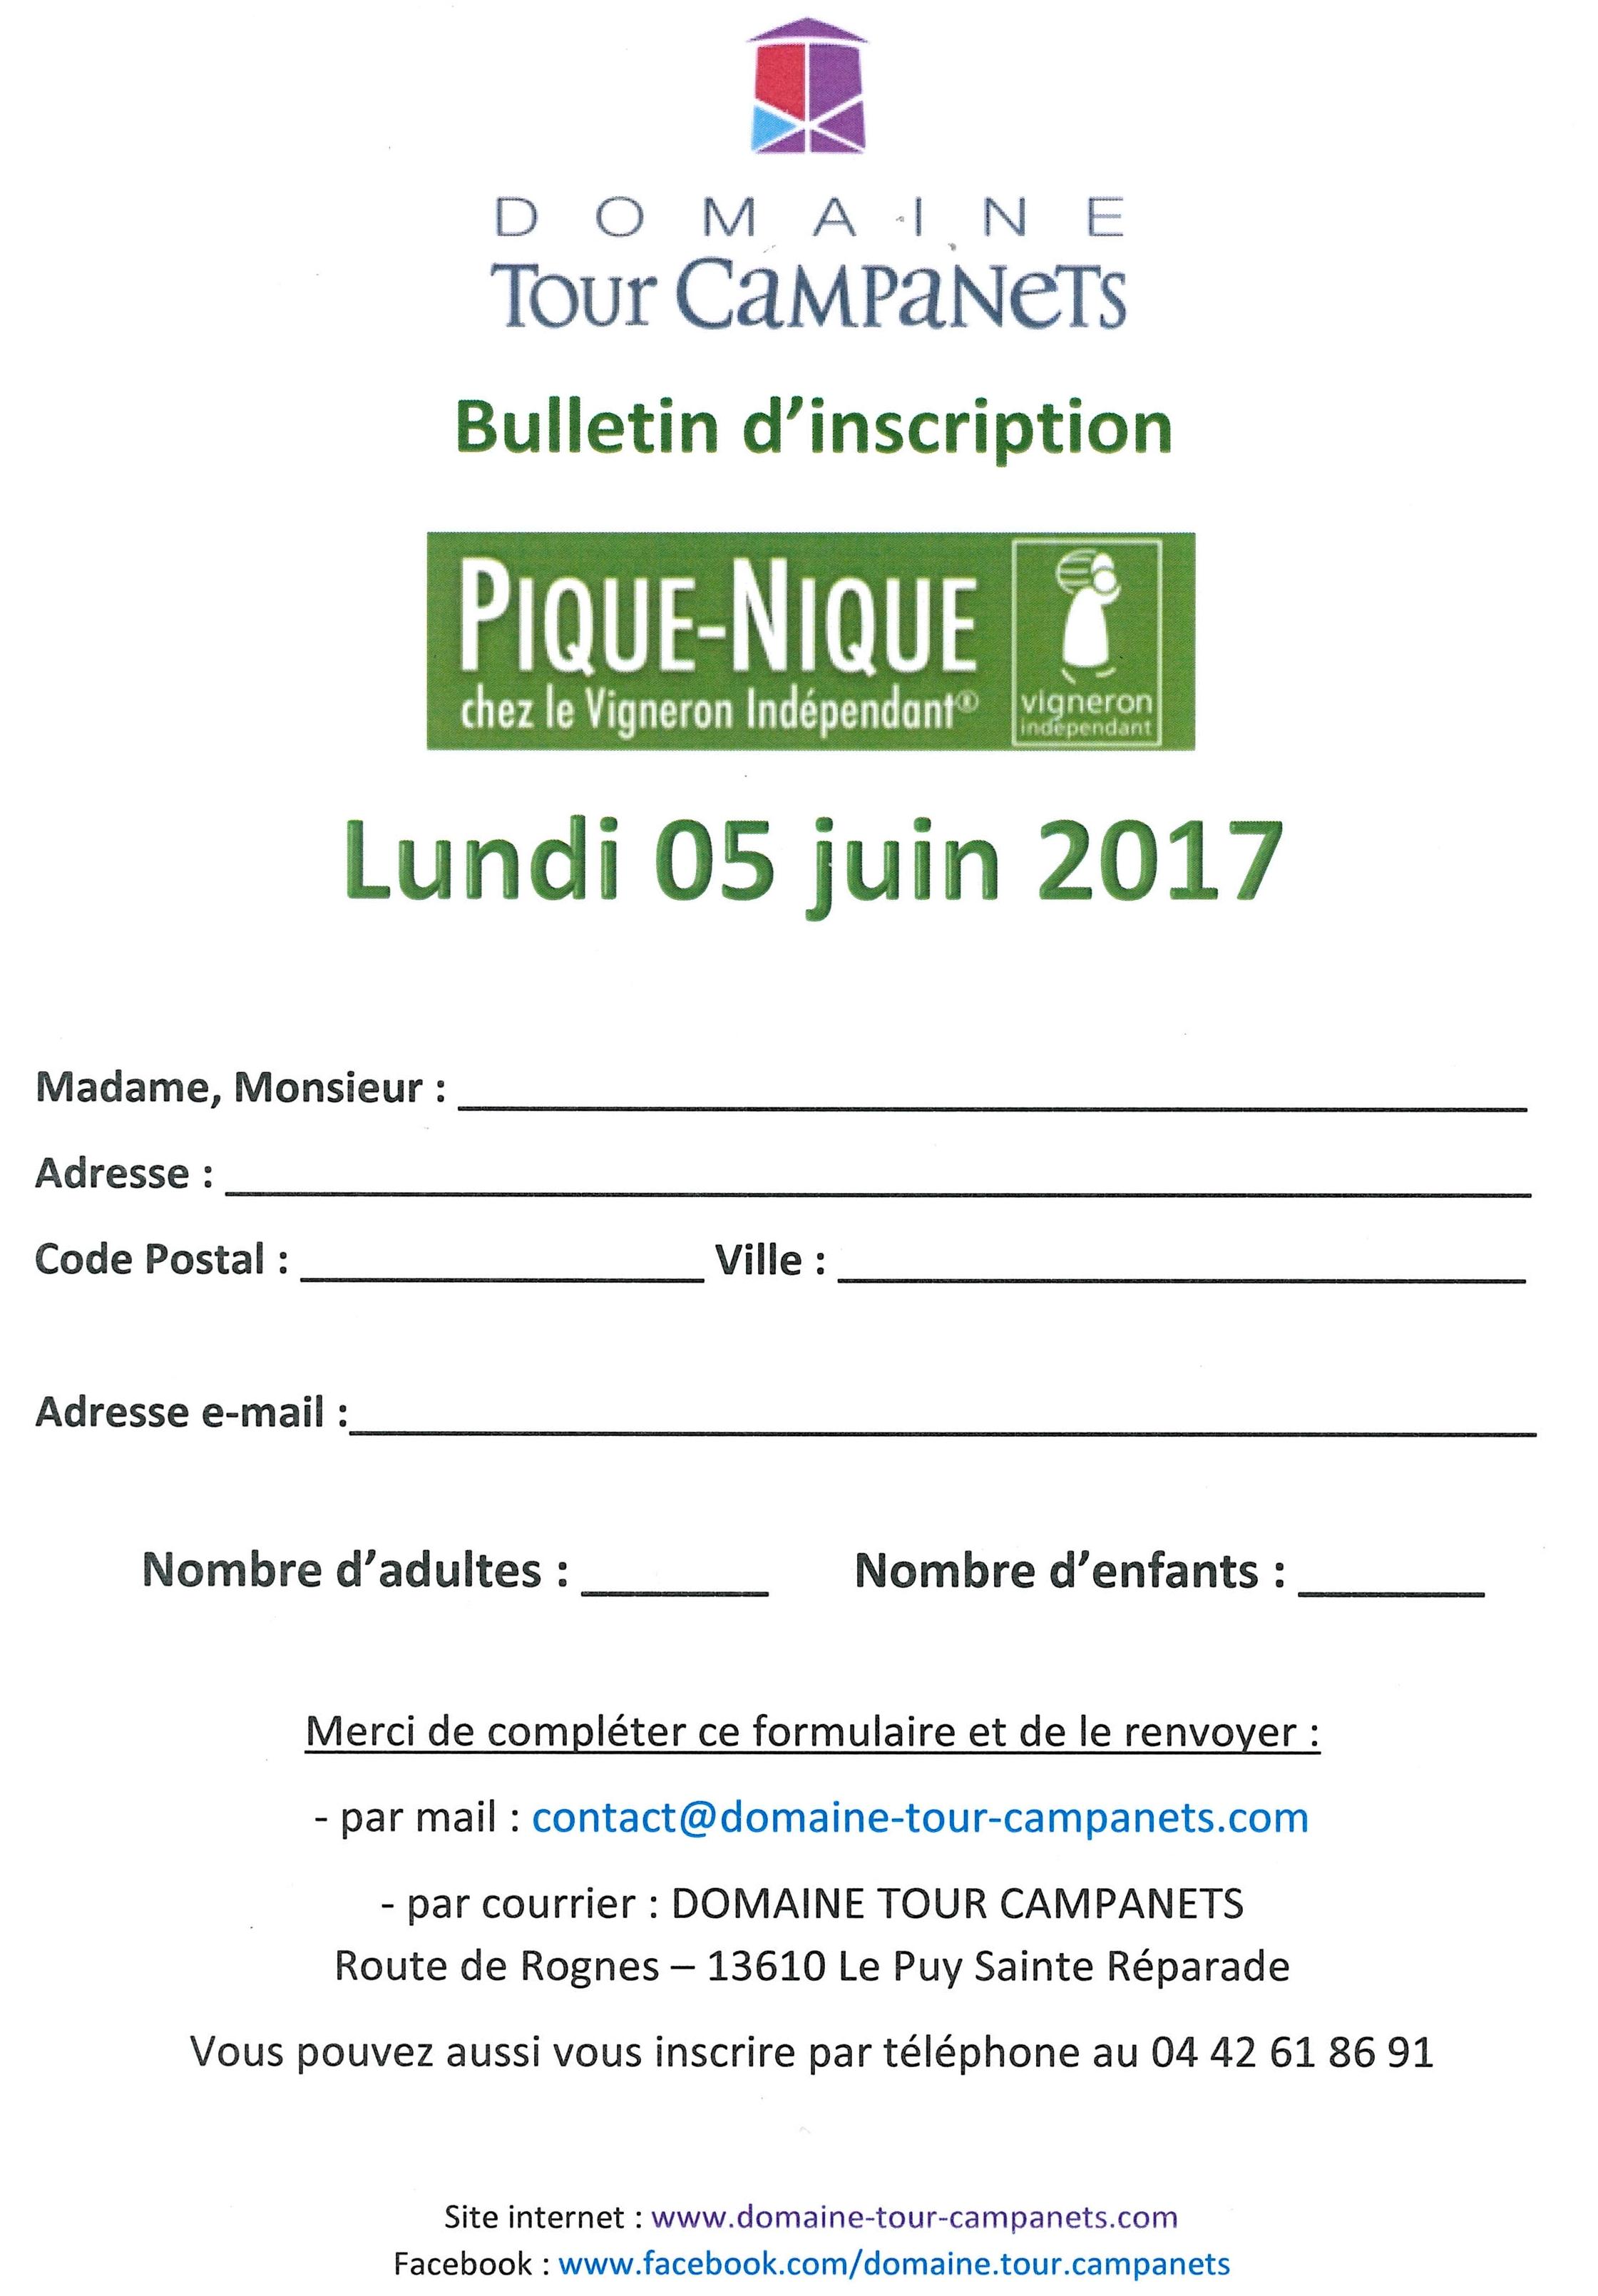 3ème édition du Pique Nique des Vignerons Indépendants